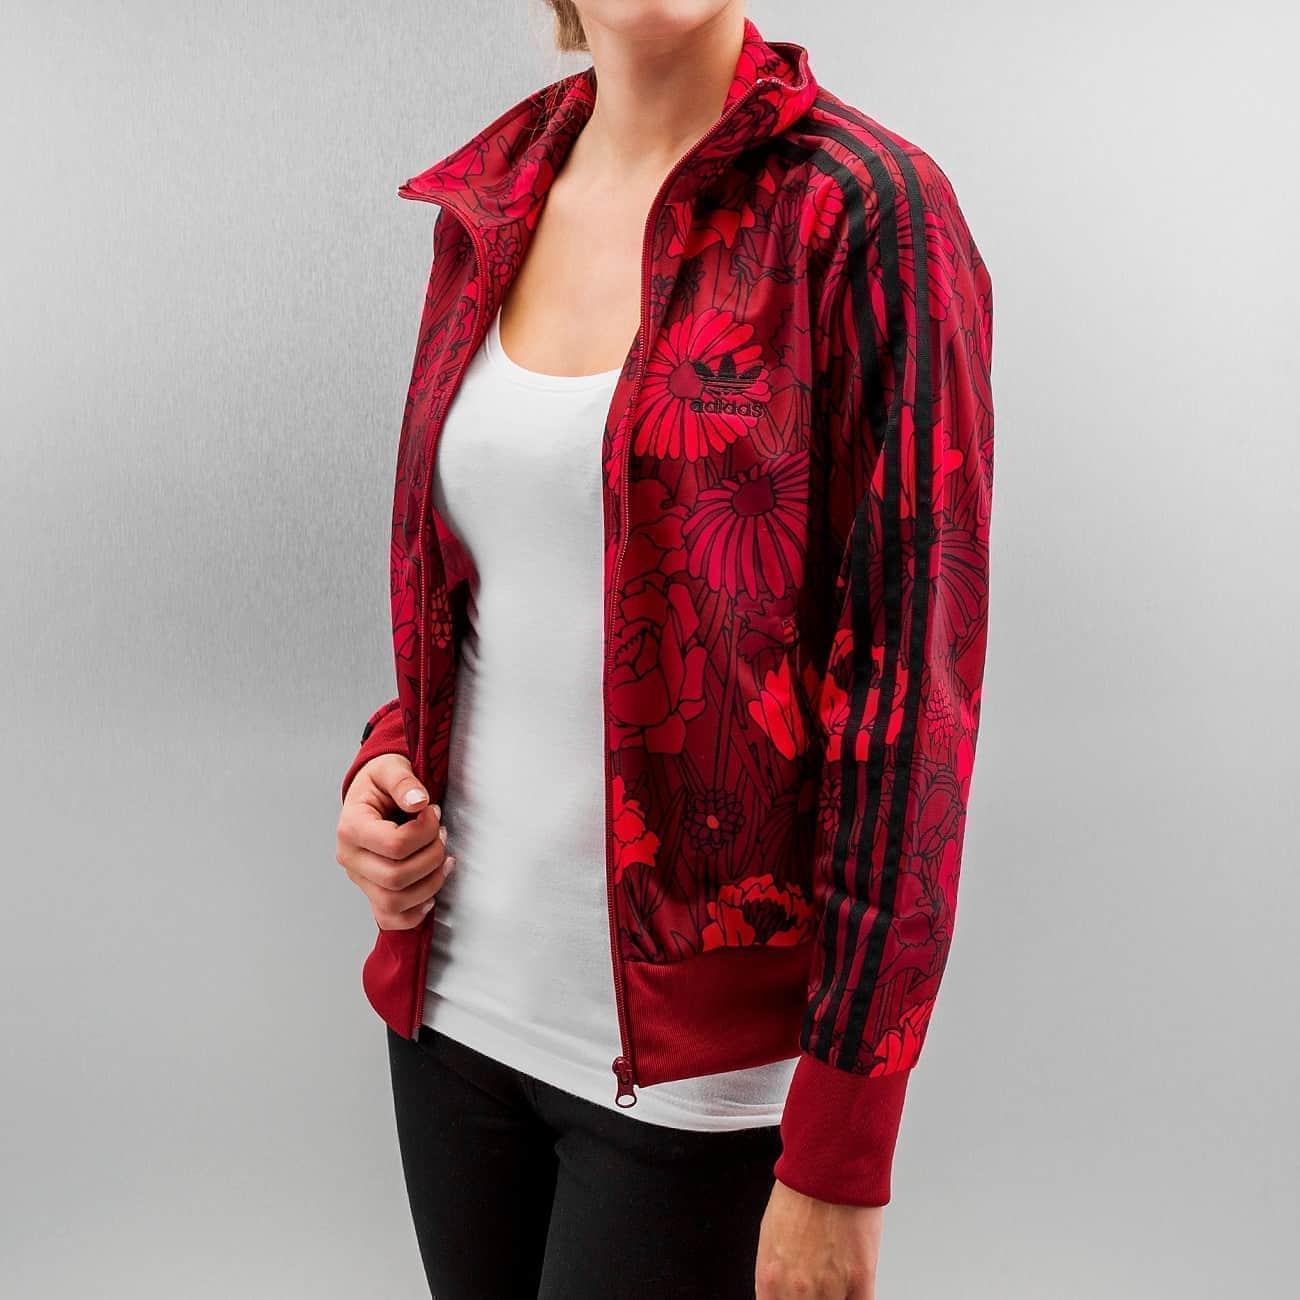 adidas veste firebird femme une vente de liquidation de prix bas ... 9926522a09a